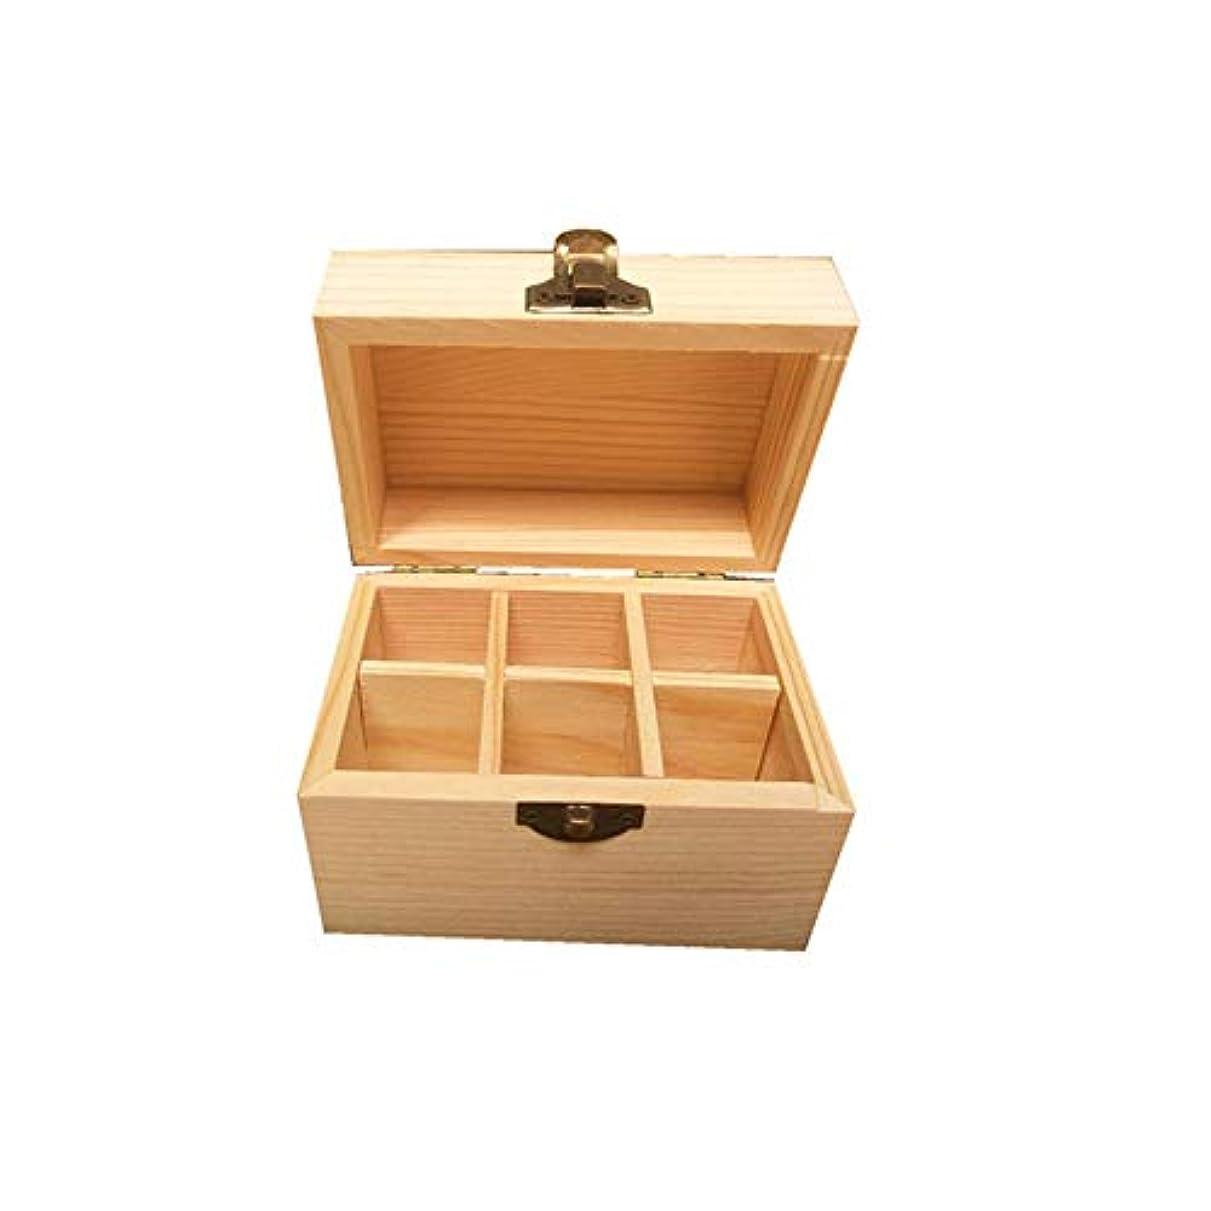 先史時代の玉信頼できるエッセンシャルオイルの保管 6つのボトル木製エッセンシャルオイルストレージボックスパーフェクトエッセンシャルオイルケース (色 : Natural, サイズ : 12X8X8.5CM)